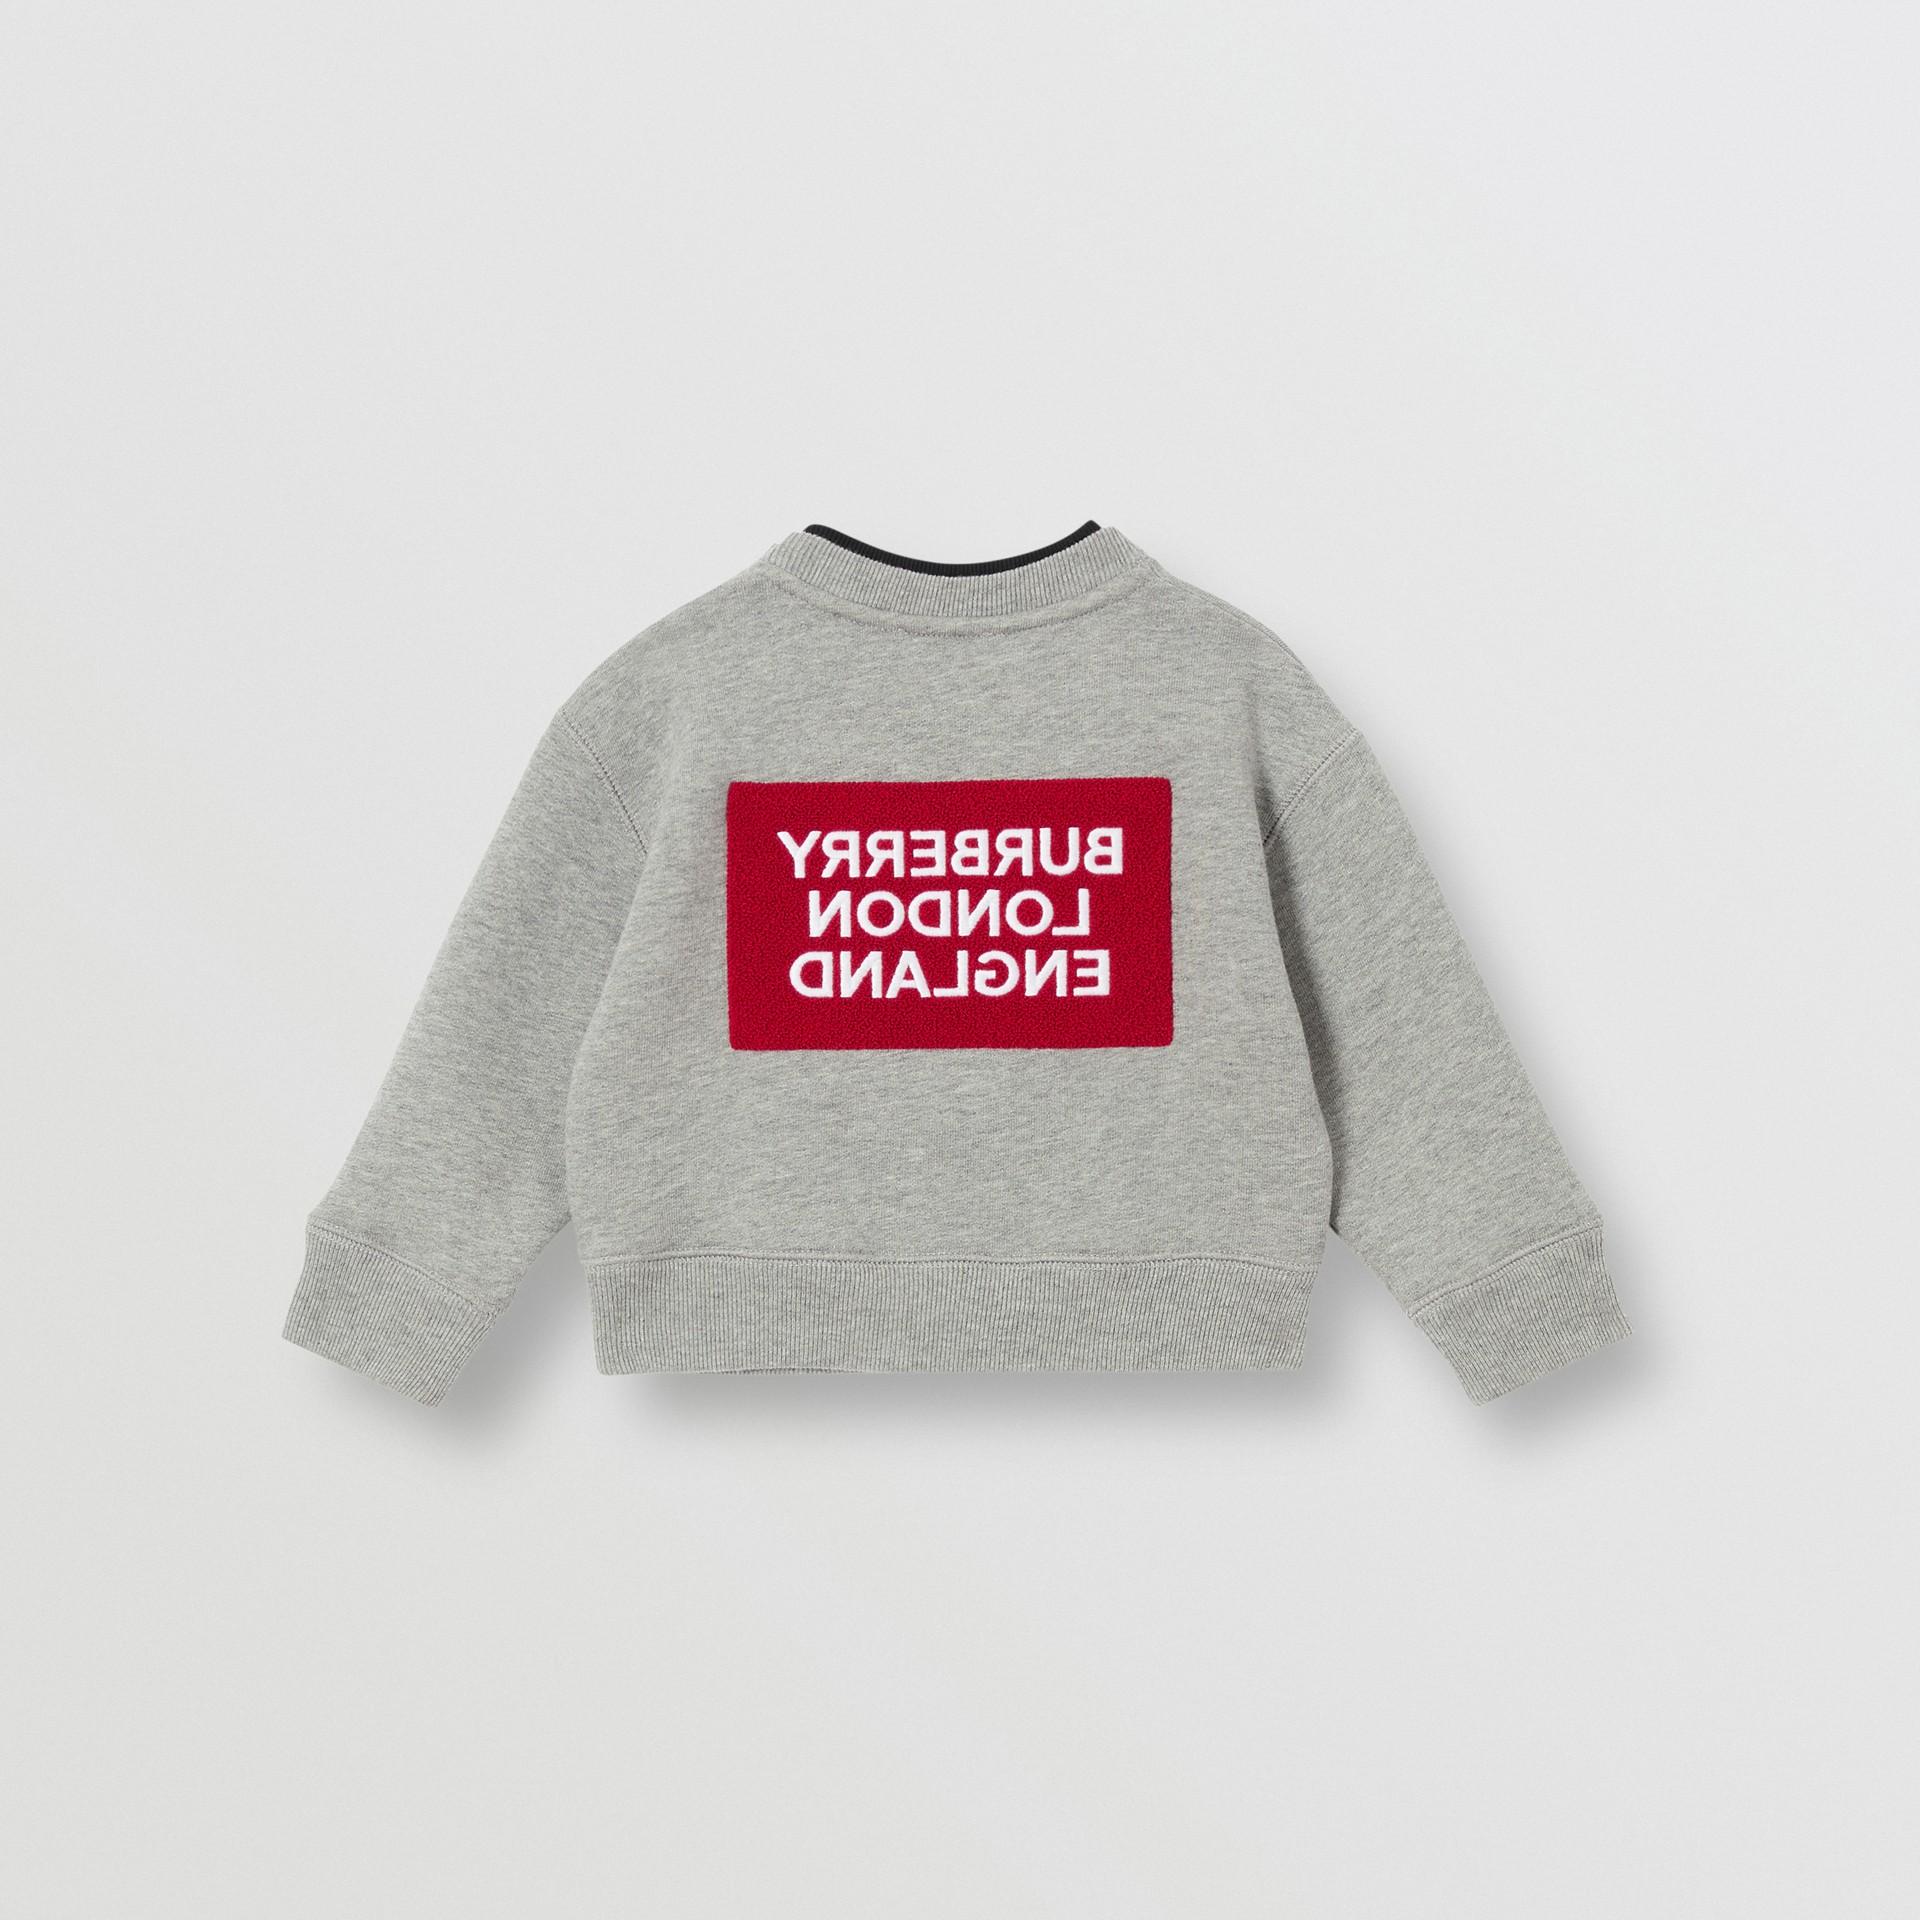 로고 디테일 저지 스웨트셔츠 (그레이 멜란지) - 아동 | Burberry - 갤러리 이미지 4